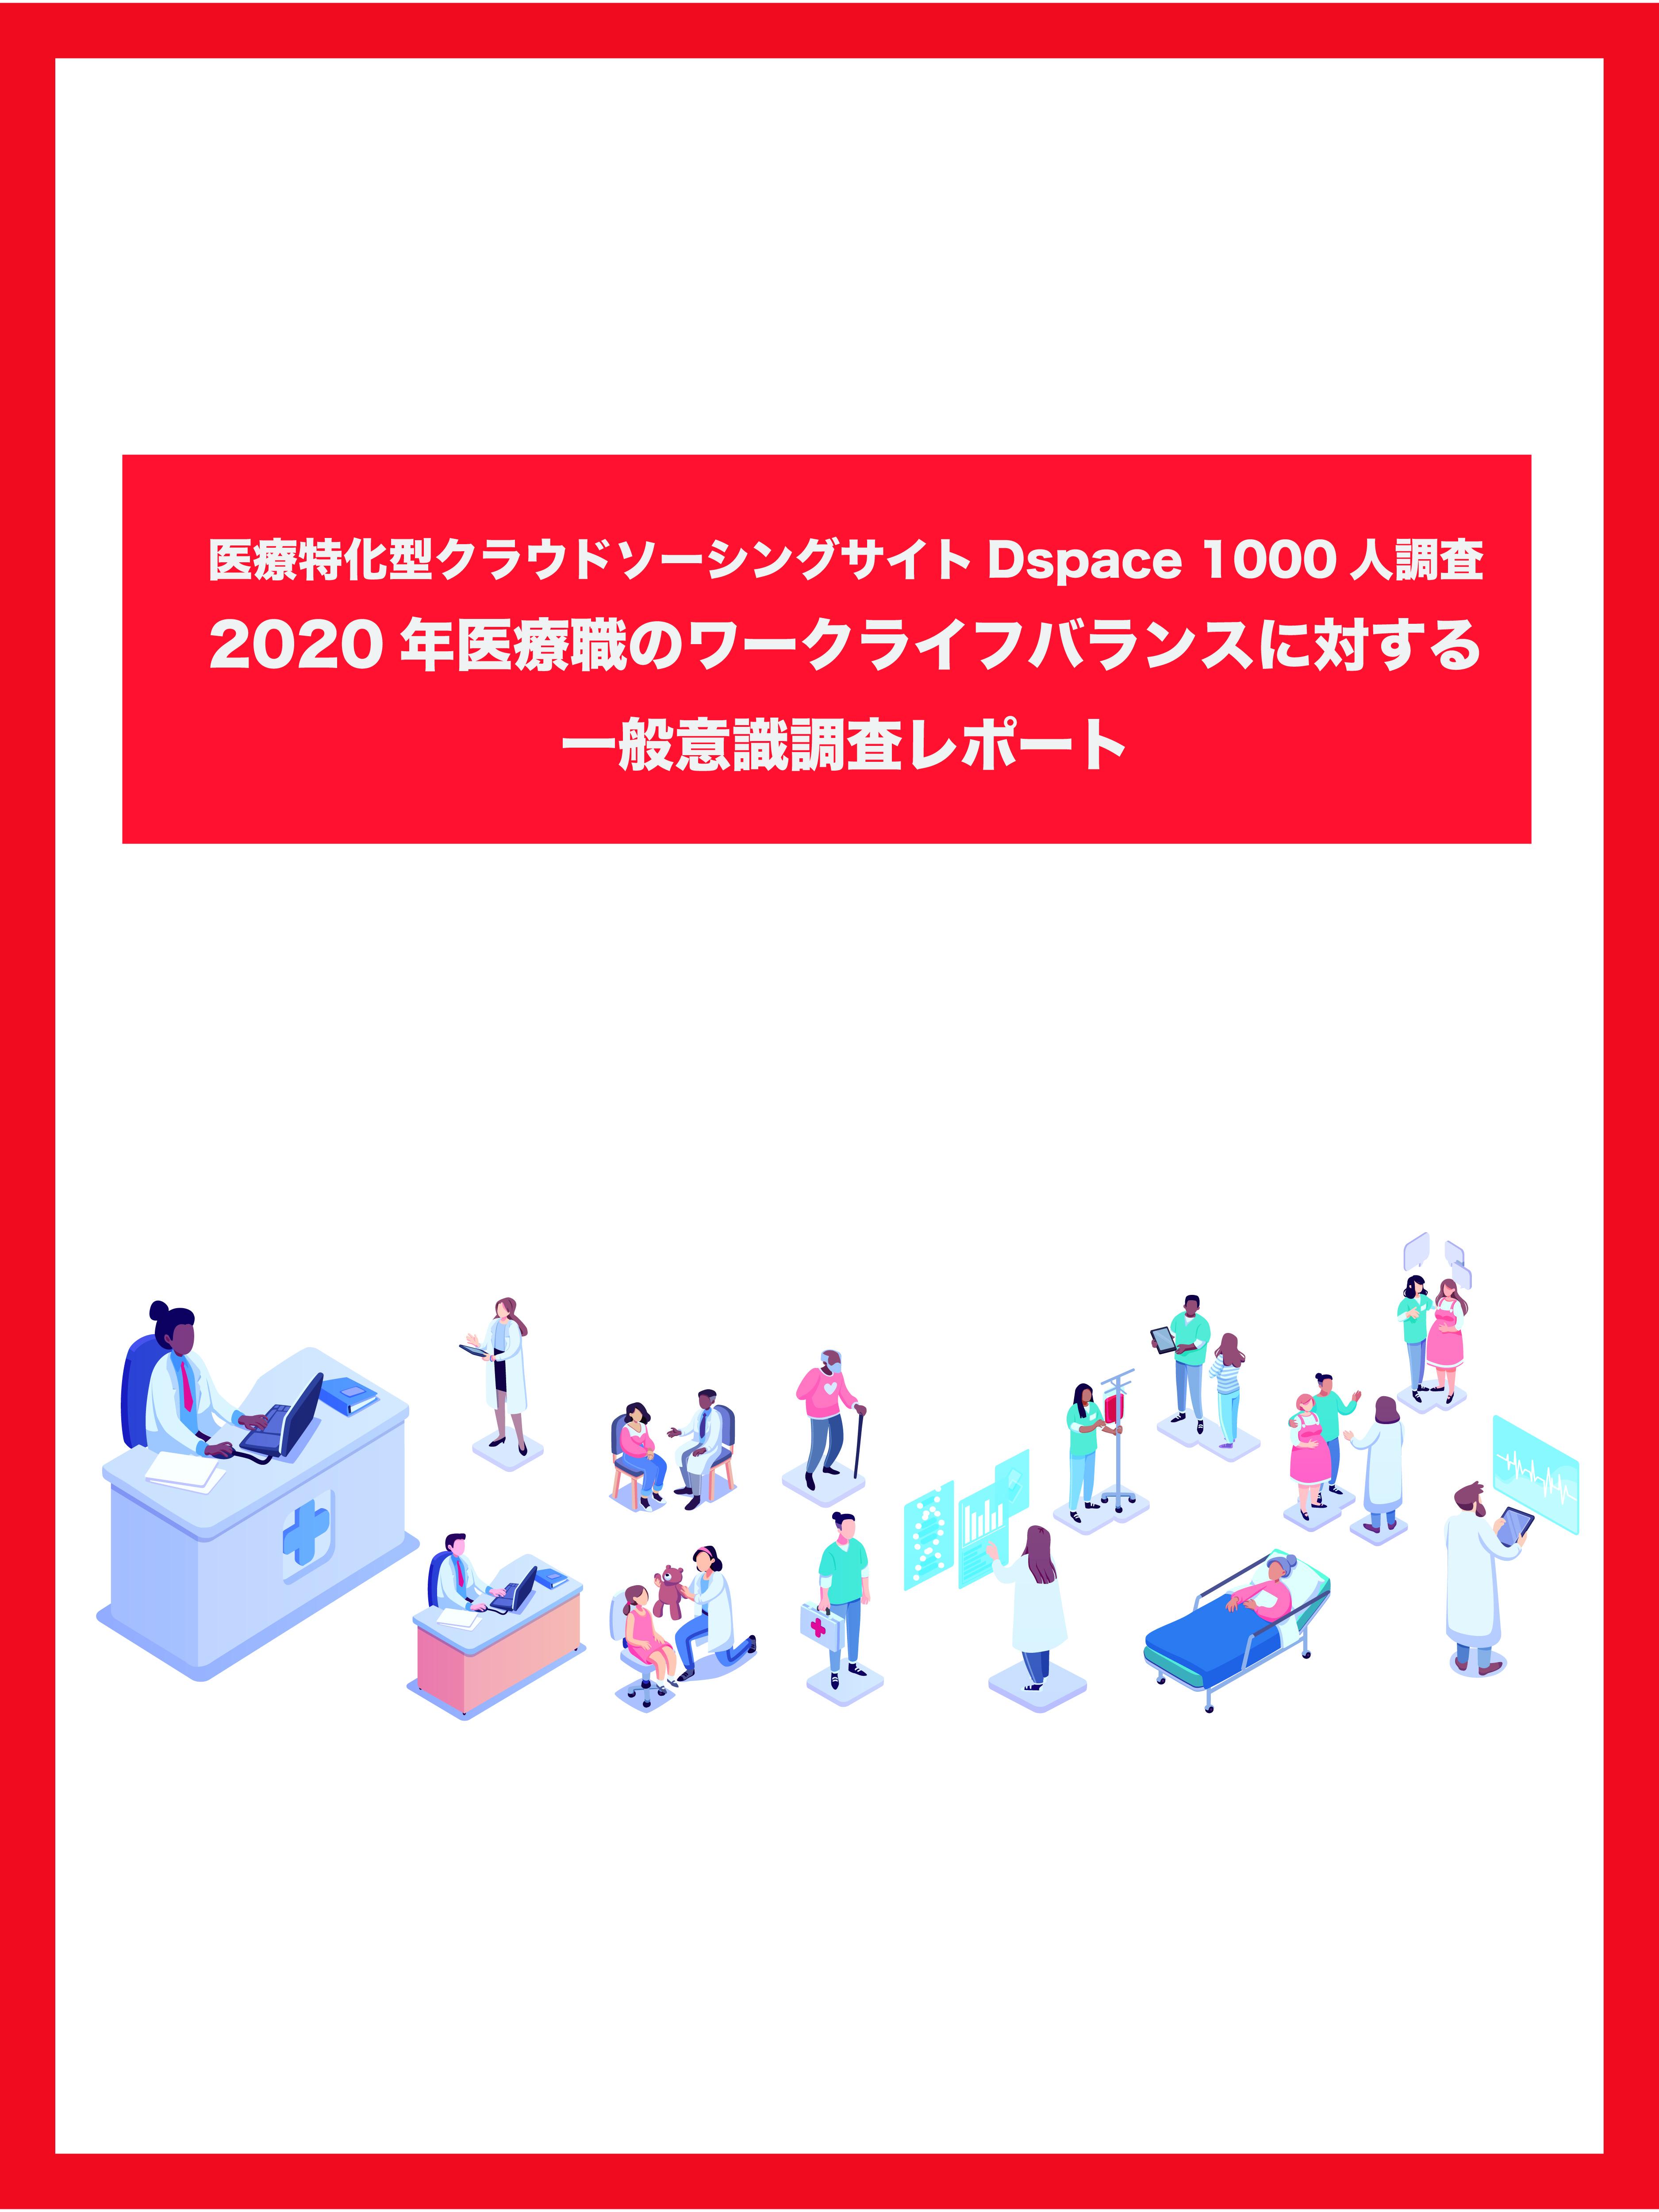 Dspace 2020年医療職の働き方・ワークライフバランスに対する一般意識調査レポート-01